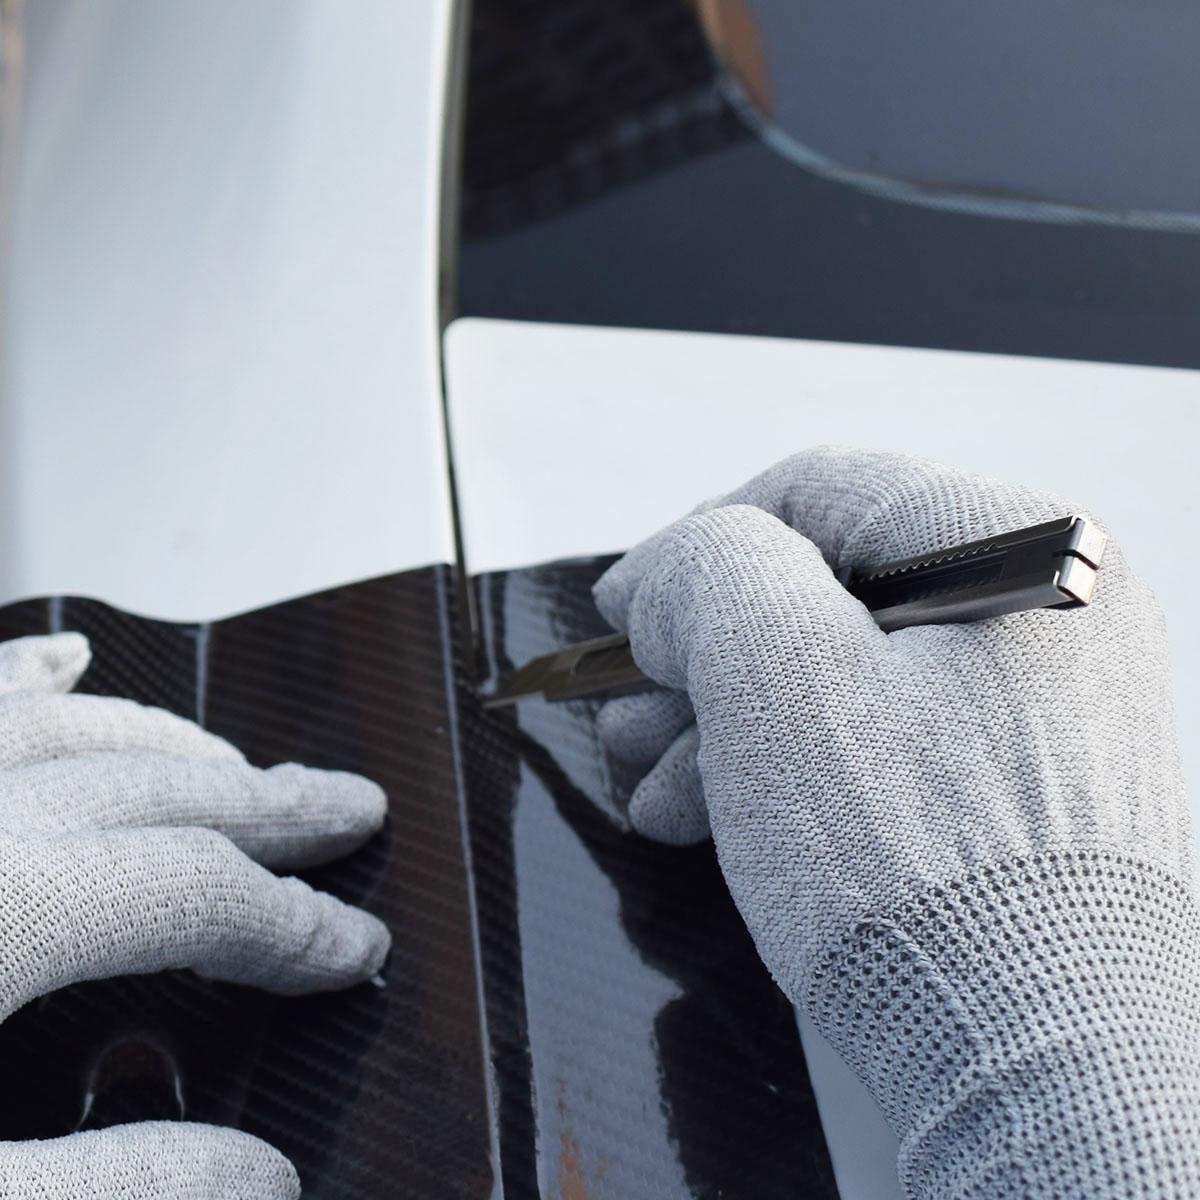 DIY Школьные Инструменты офисный нож для бумагорезательная мшина и канцелярский нож E02 13*1,1 см 25 г/шт. CN;GUA cngzsy серебро согласиться с изготовленным на заказ логосом